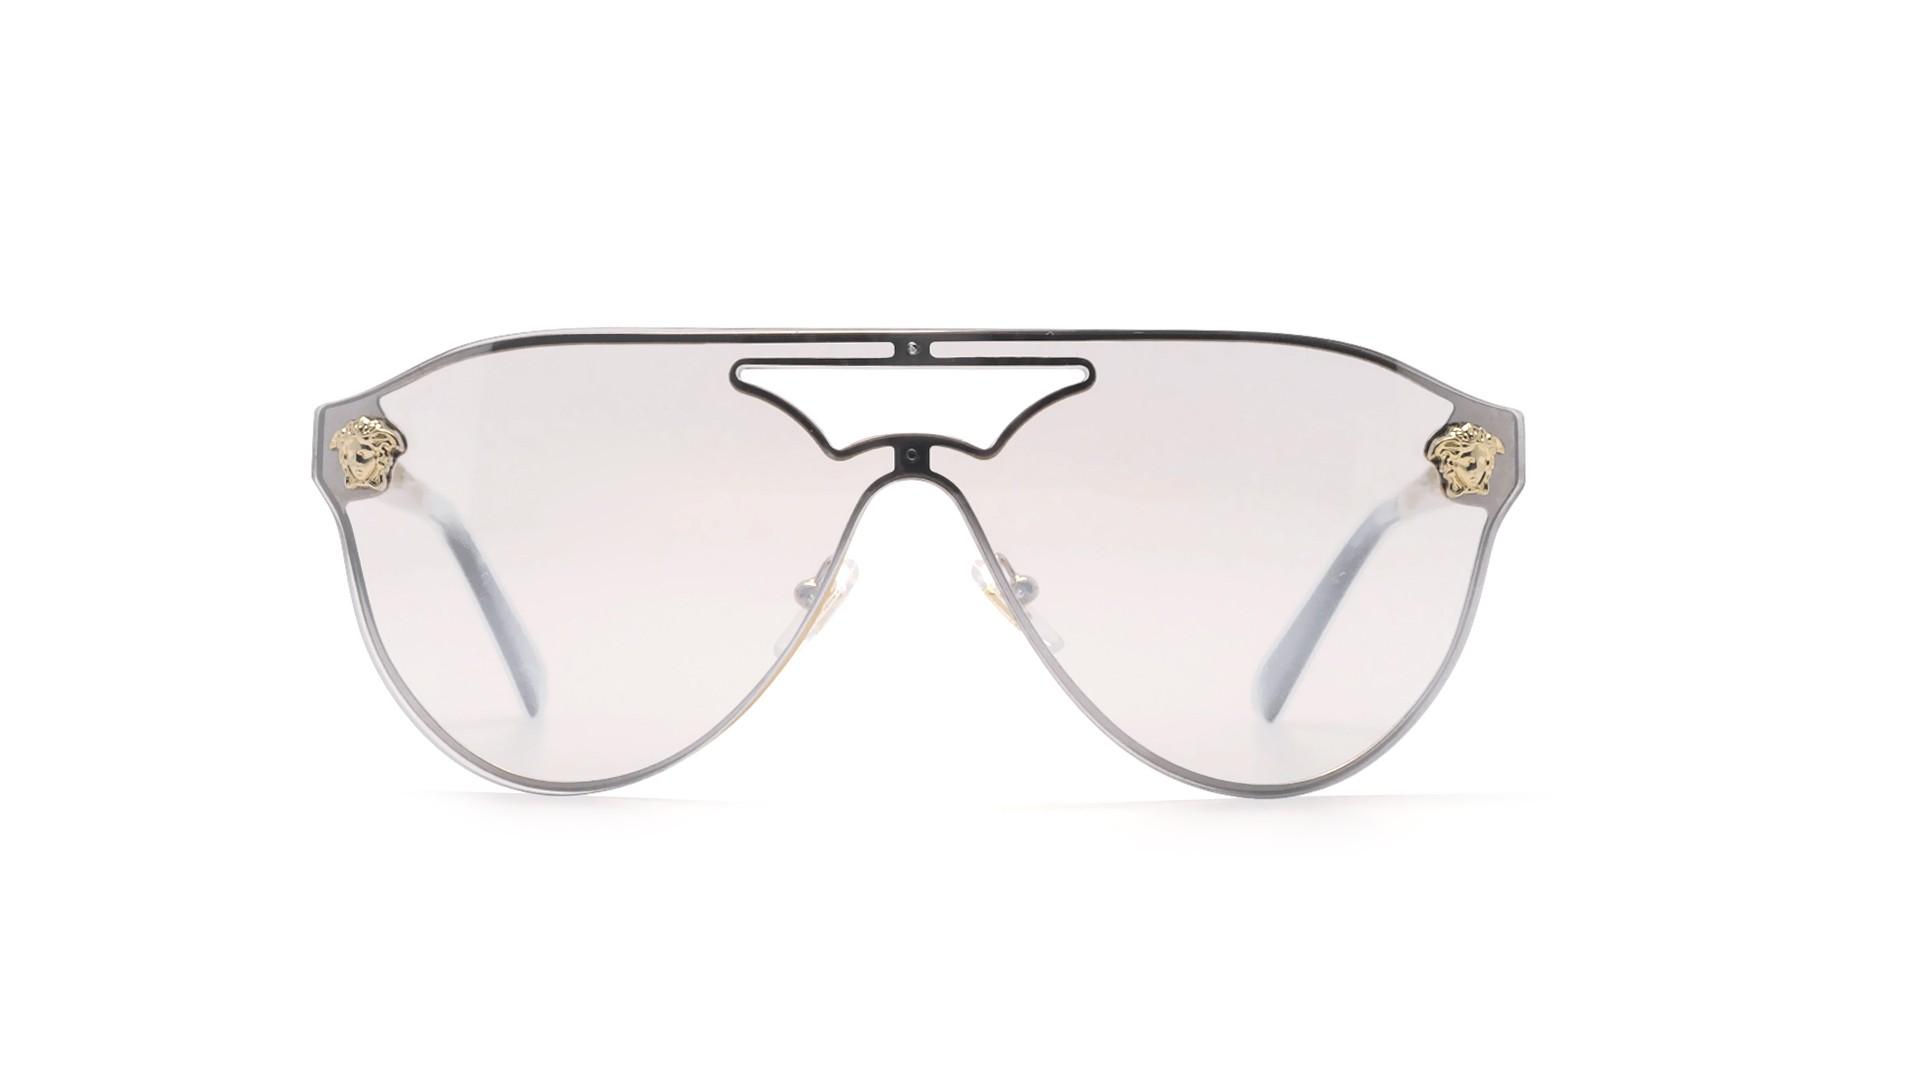 67cc1e91ba3 Lunettes de soleil Versace VE2161 1002 6G Or Large